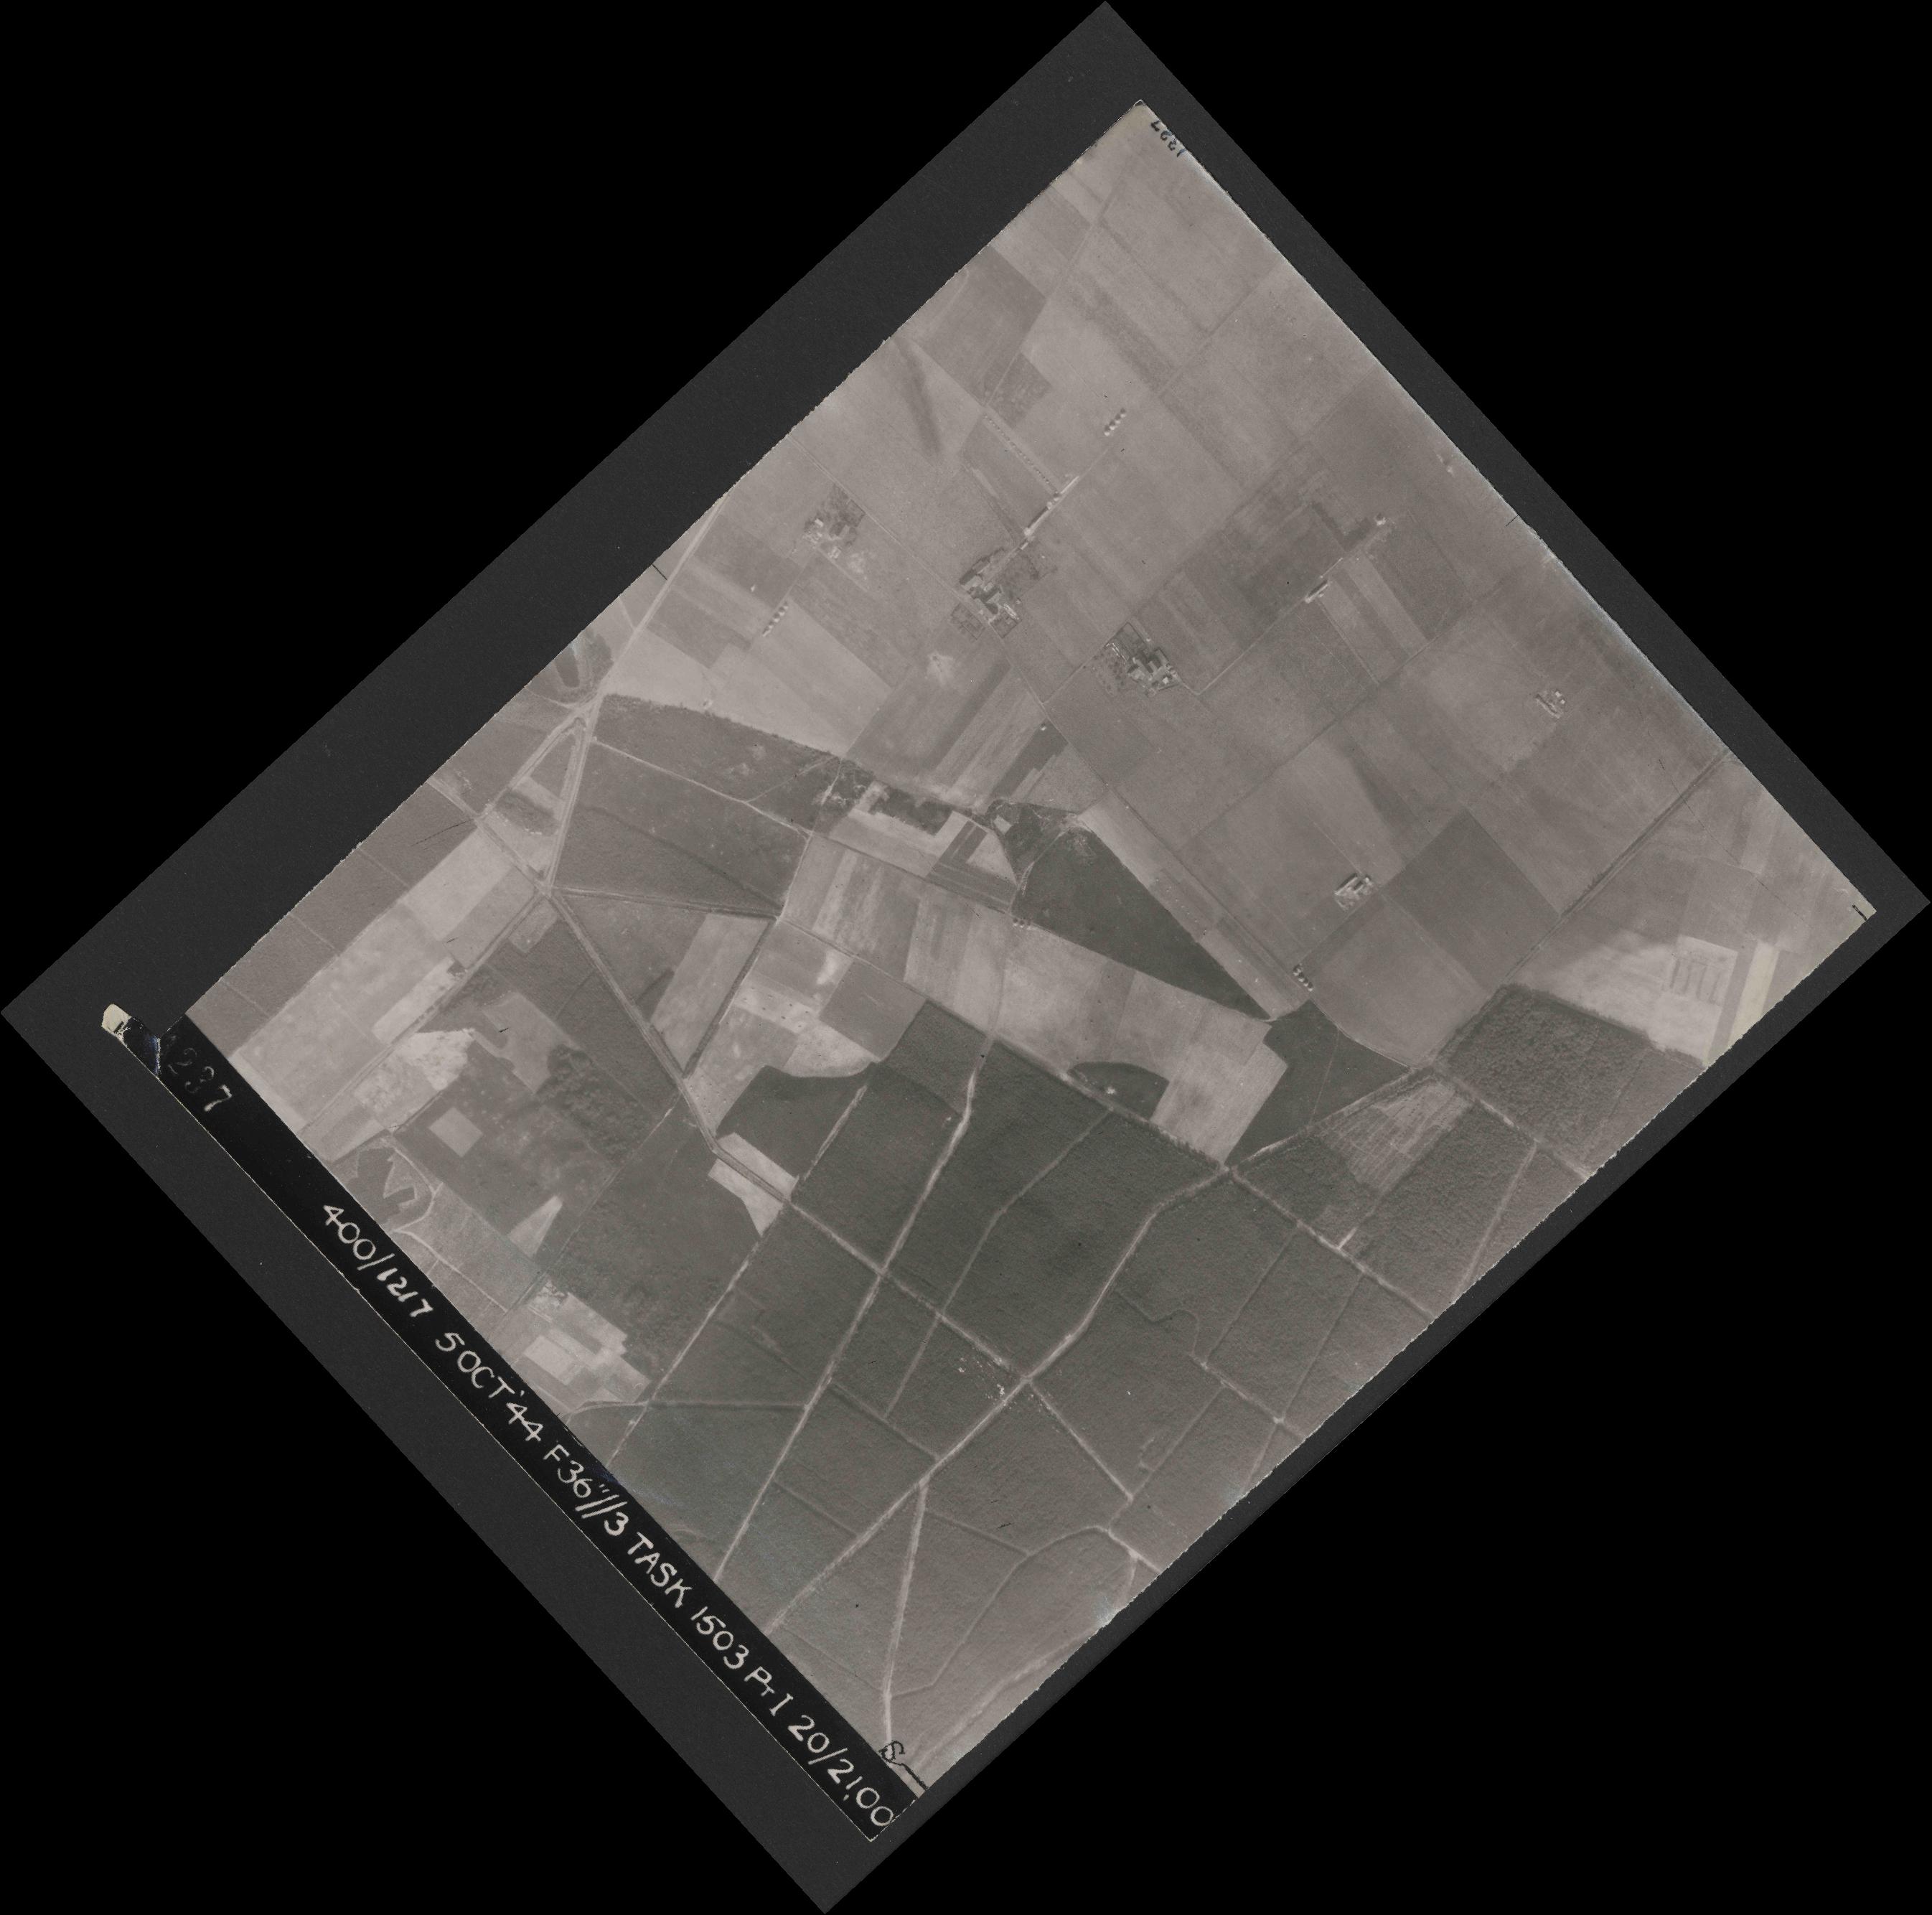 Collection RAF aerial photos 1940-1945 - flight 316, run 03, photo 4237